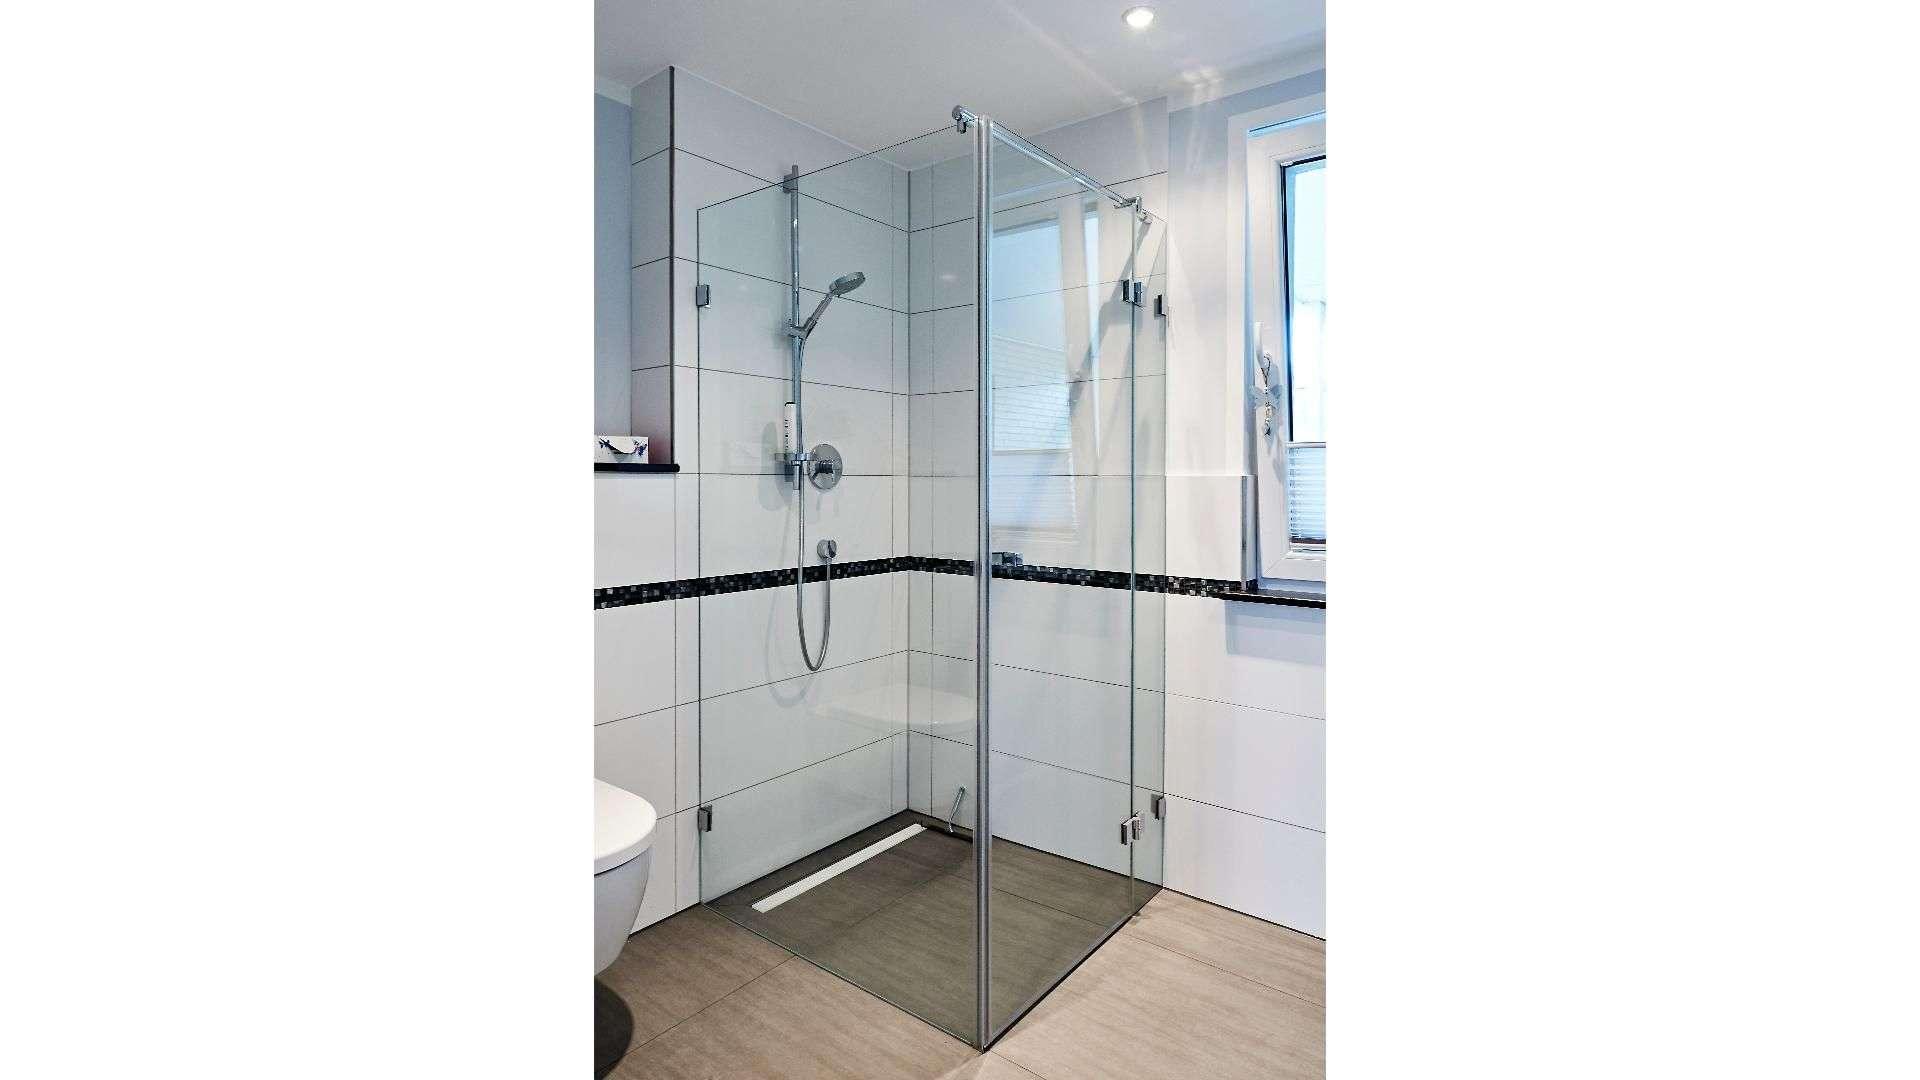 Dusche mit Glastür in einem Badezimmer